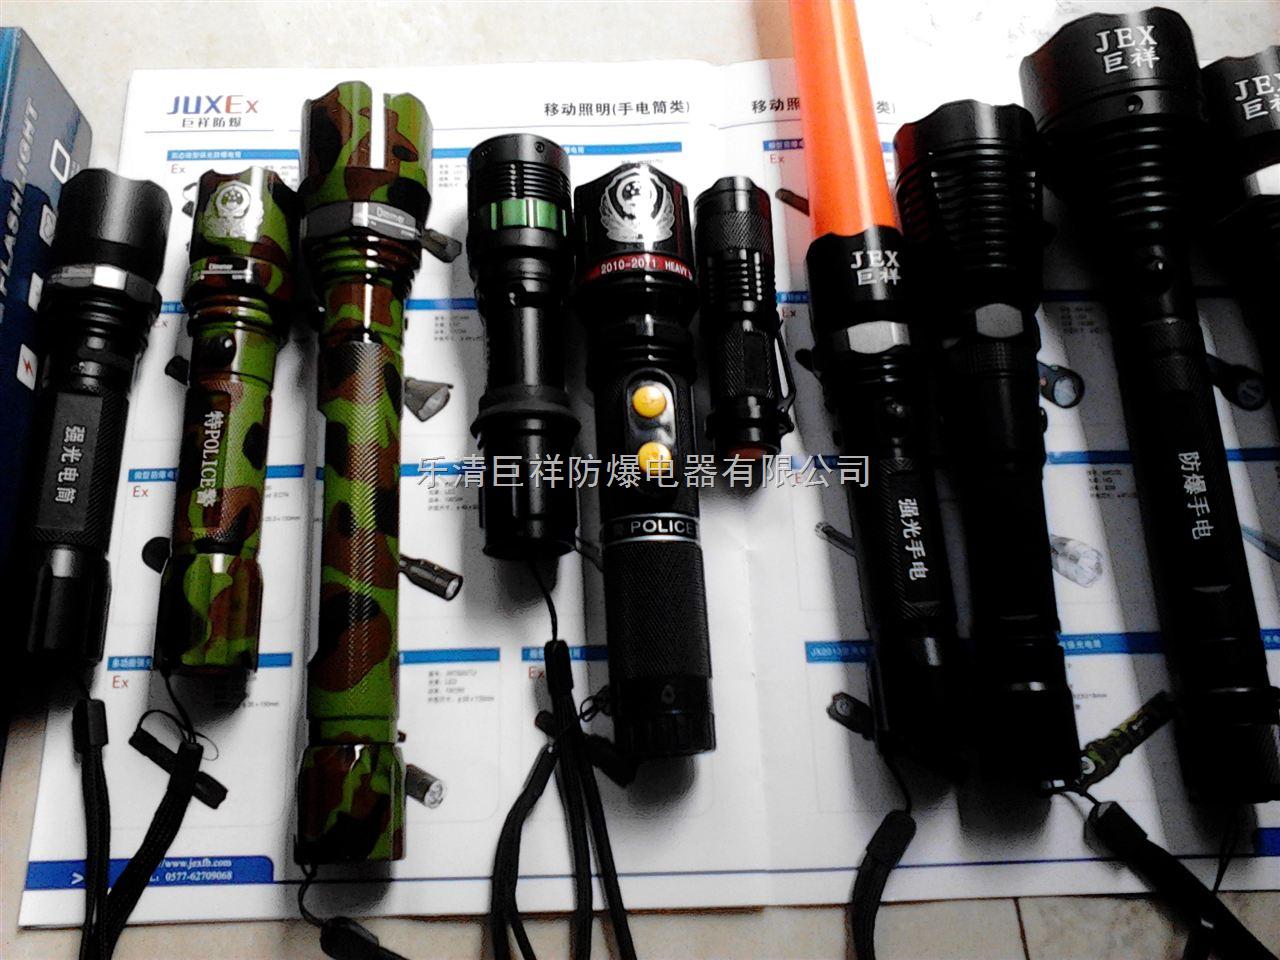 强光防爆手电筒jw7621 强光手电筒厂家 迷你手电筒价格